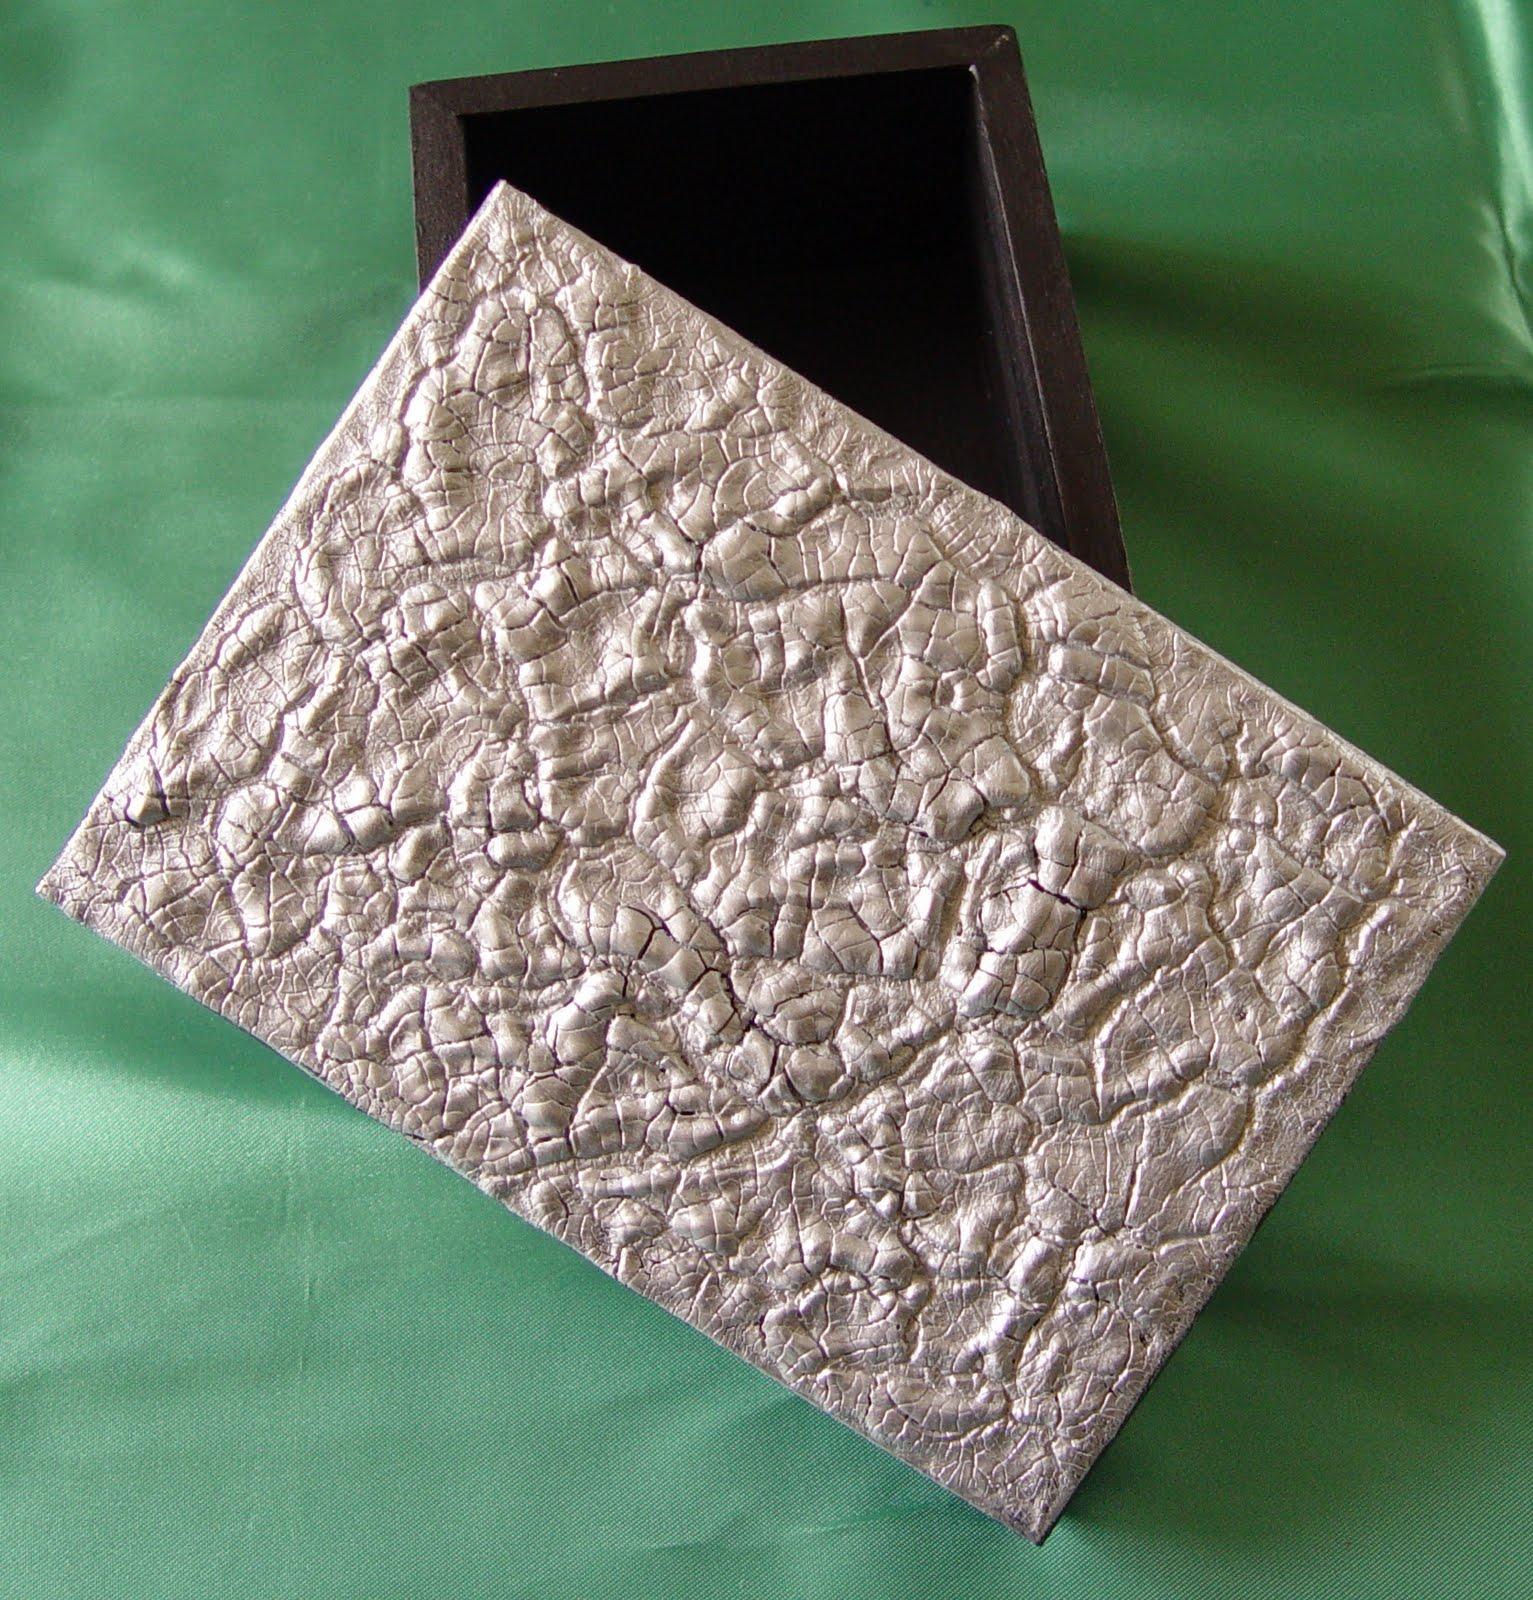 Manualidades no Seixal: Caixa de madeira com tampa em falso estanho  #23311A 1533x1600